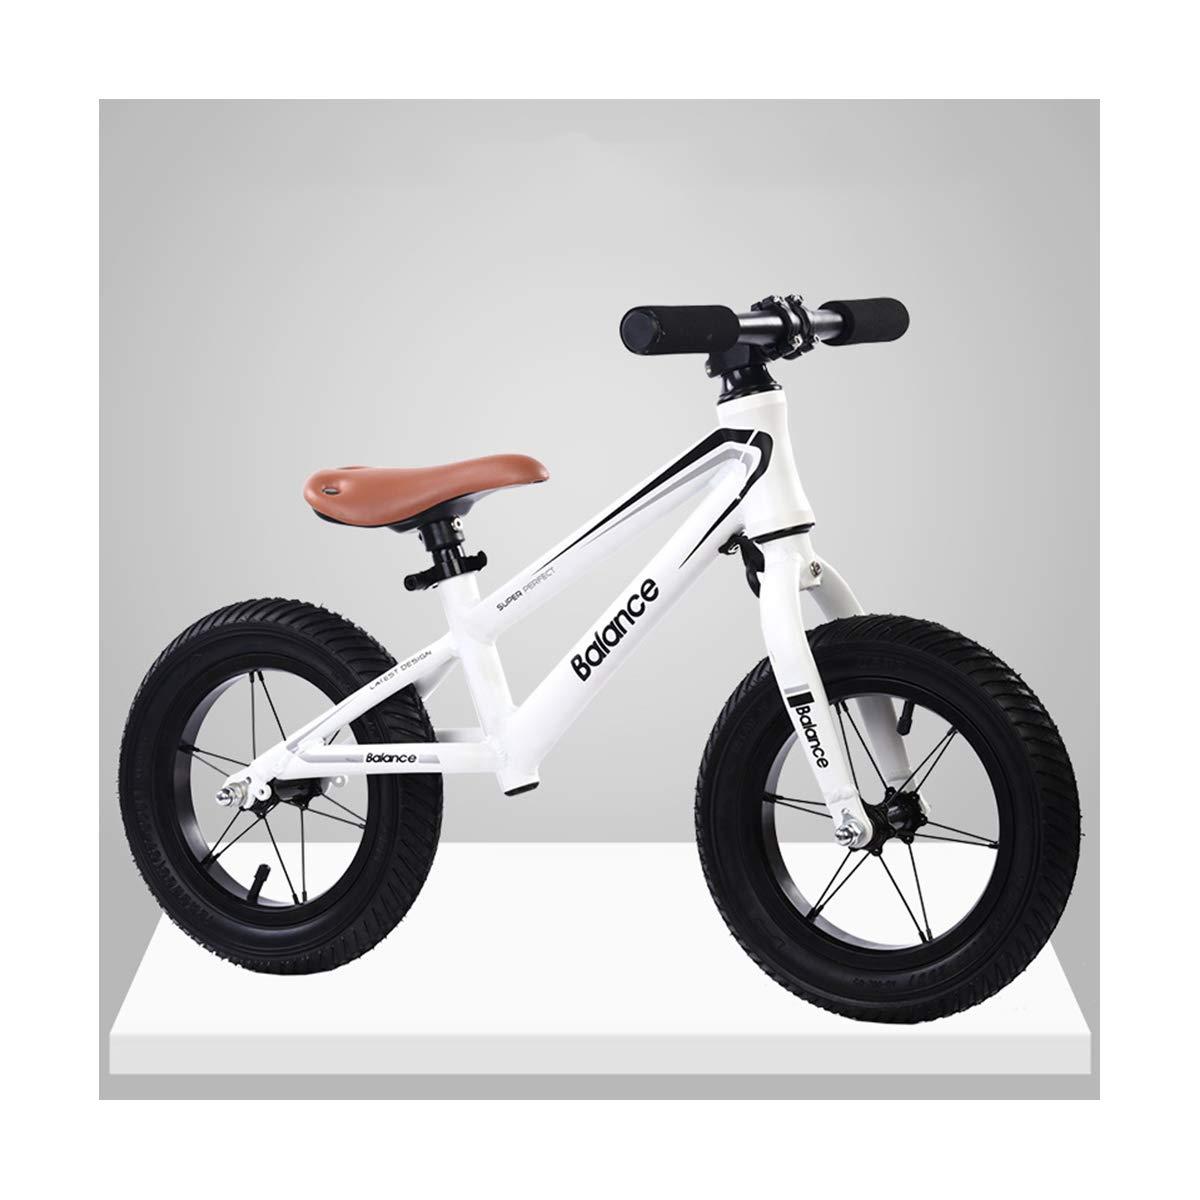 Lega di Alluminio Bambino Equilibrio Bici per Bambini del Camminatore Forniture a Due Ruote Scorrimento Stepper Walker Passeggino Senza Pedali,bianca,Aluminum